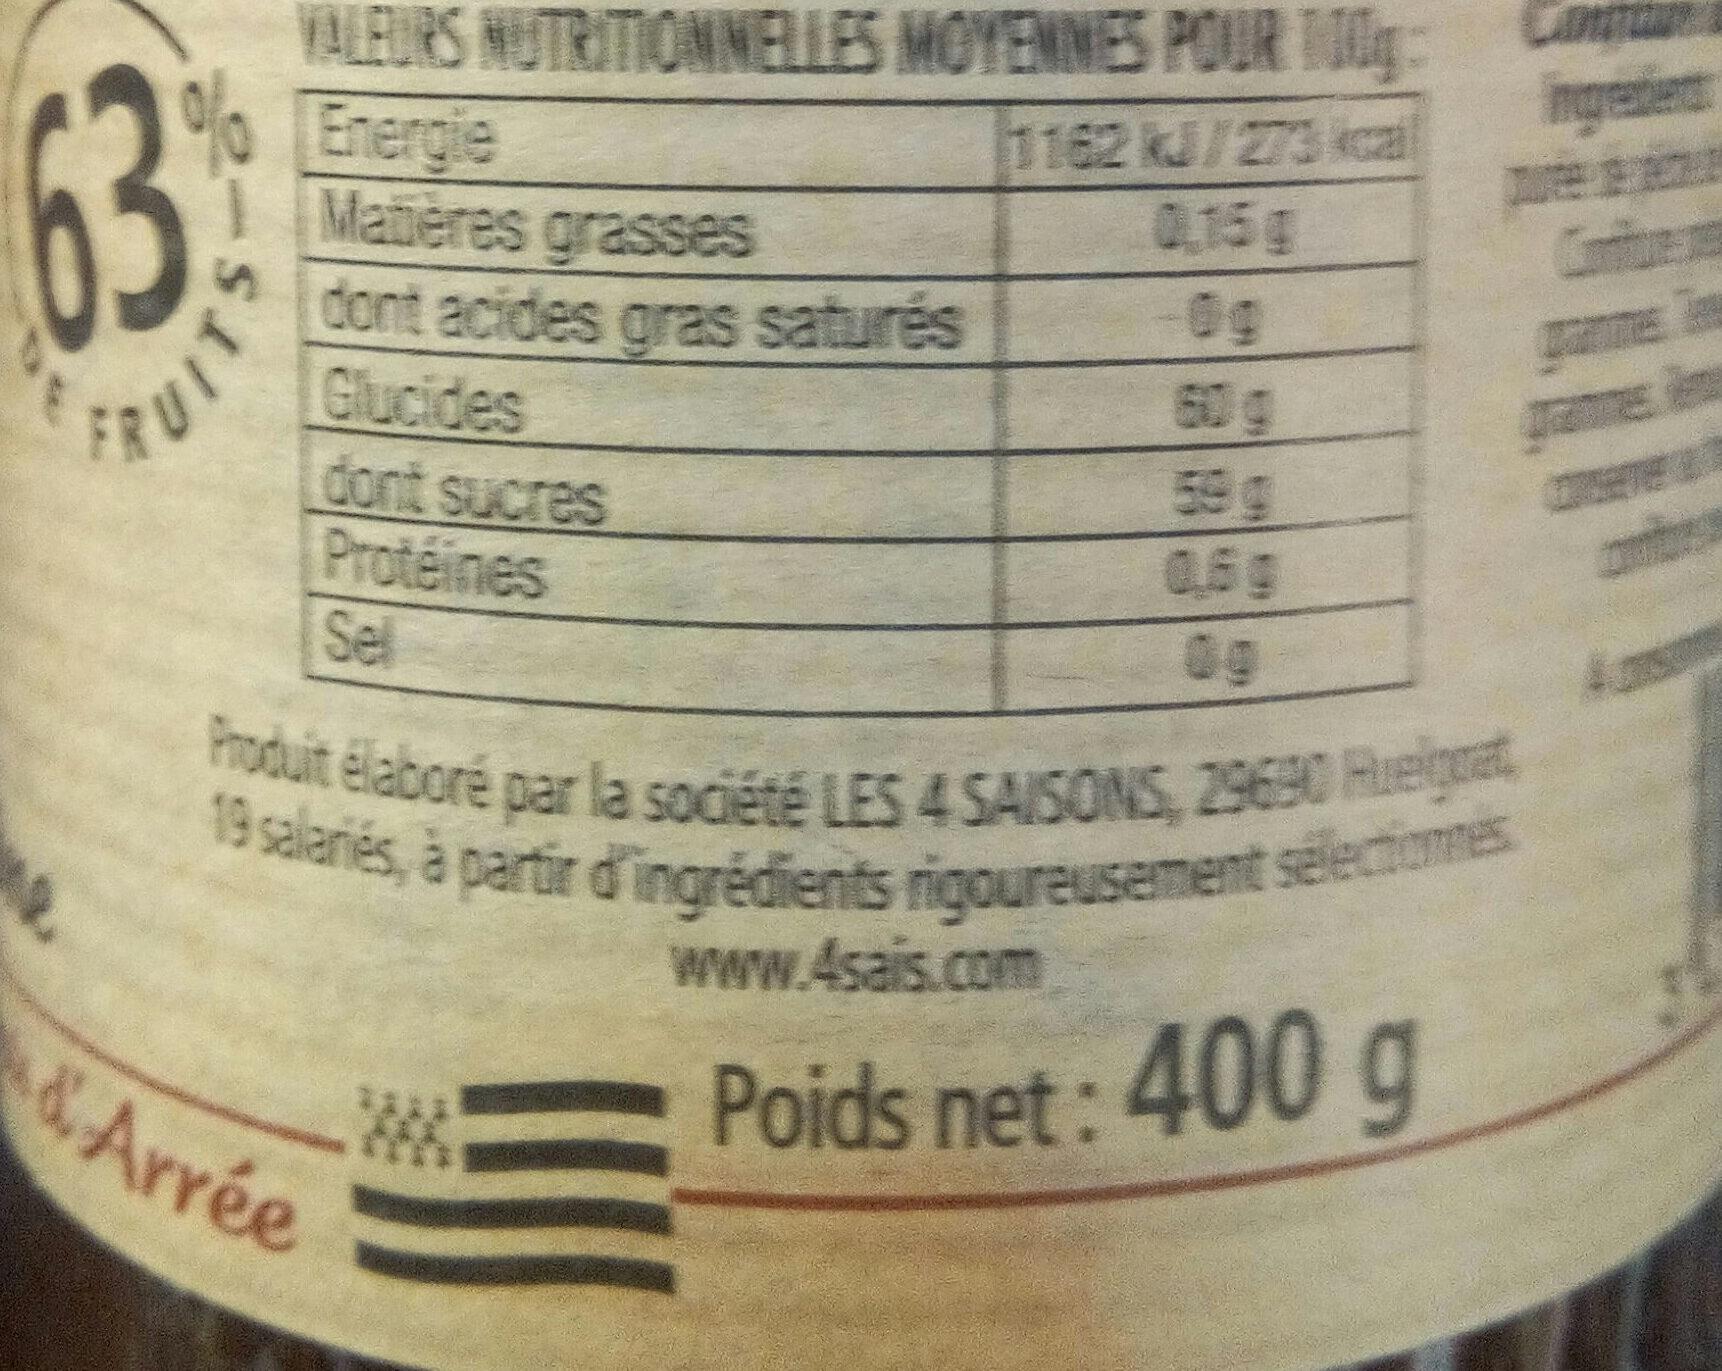 Pêche de vigne de la vallée du Rhône - Informations nutritionnelles